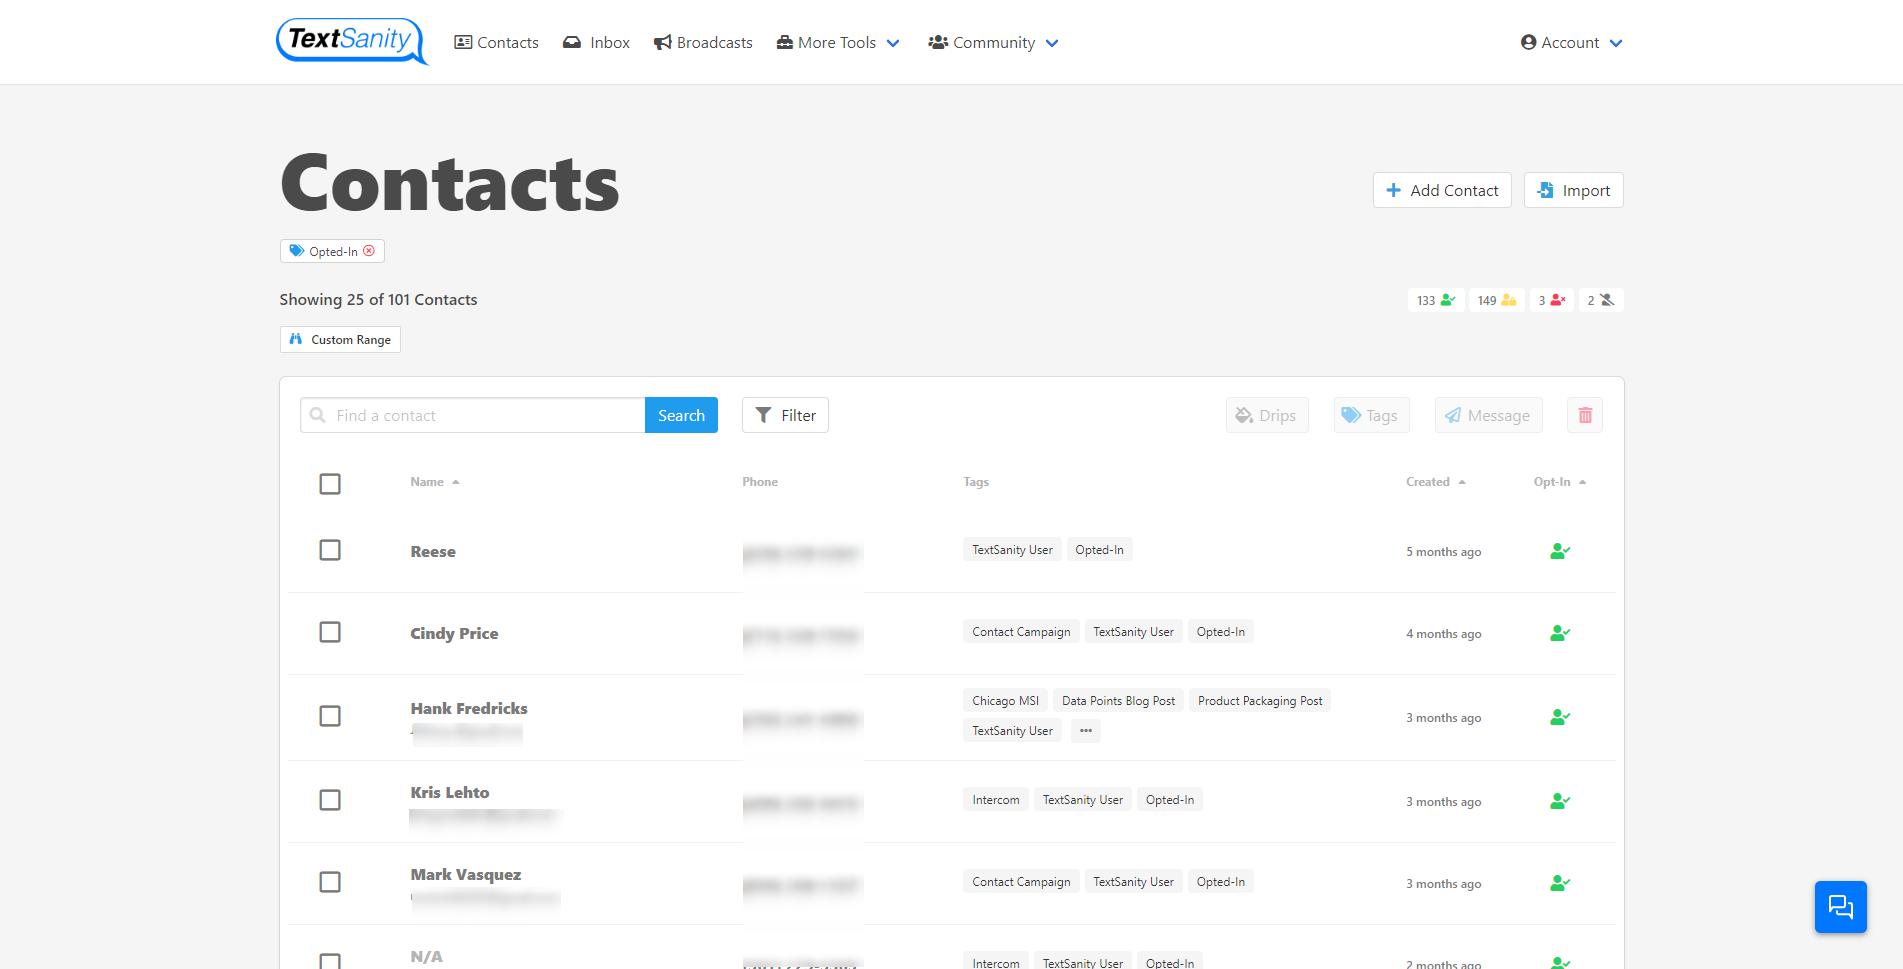 TextSanity contacts screenshot